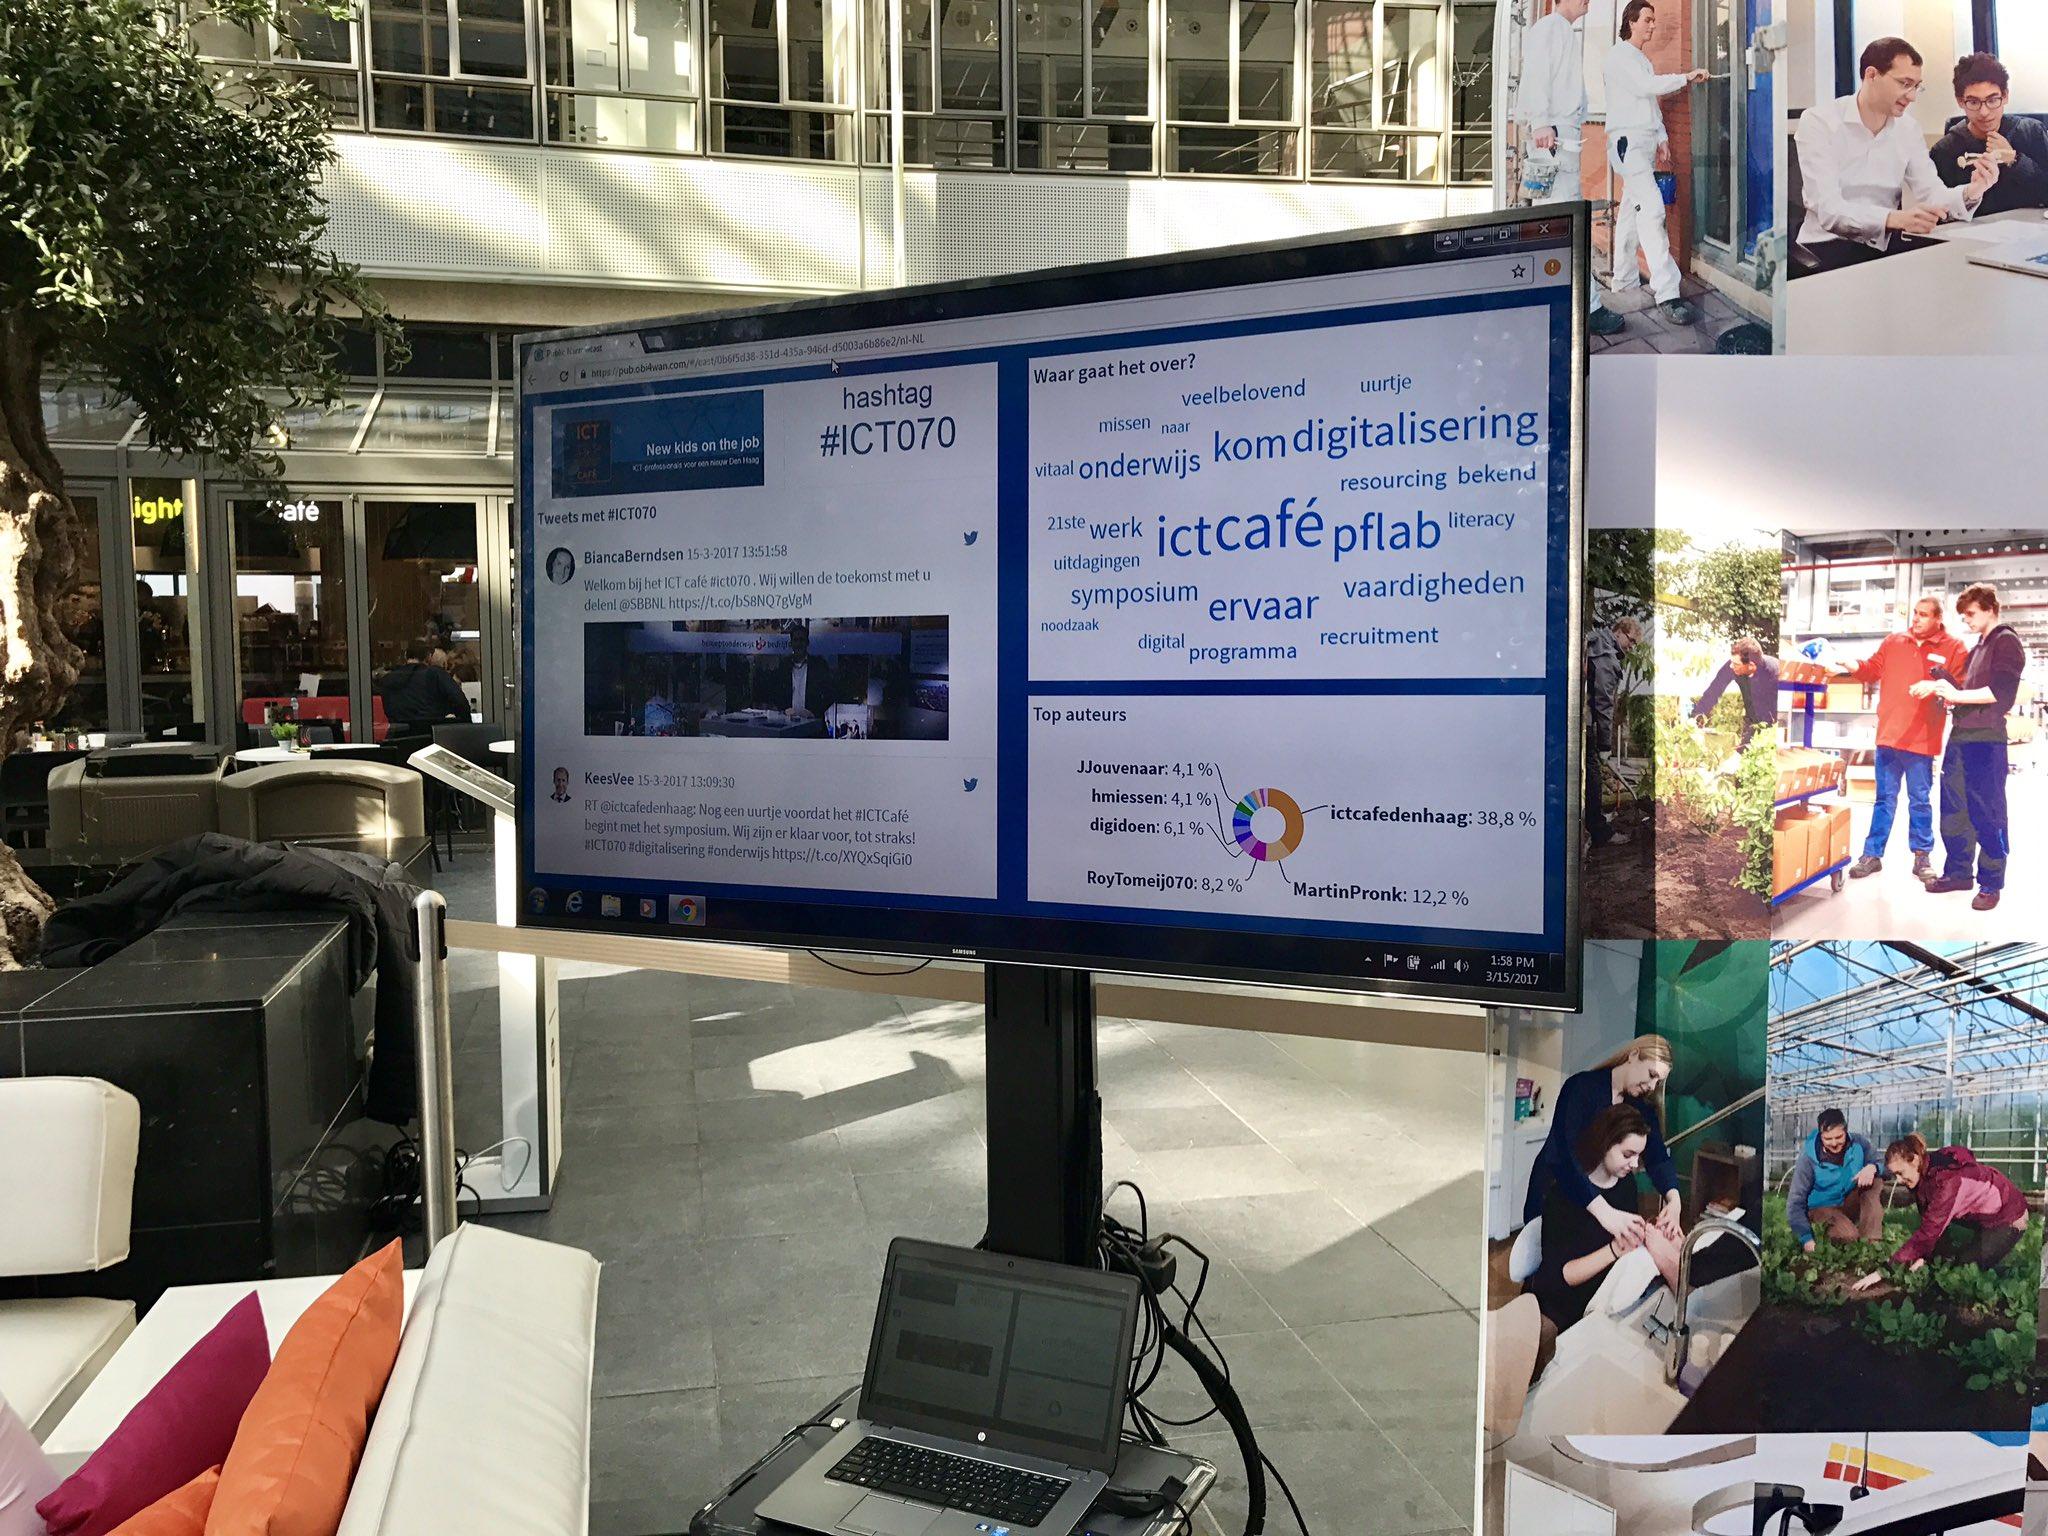 De twitterwall tijdens het ICT Café is ook deze editie door ons verzorgd. Zet hem vol! ;-) #ICT070 https://t.co/IjL7ni0oPe